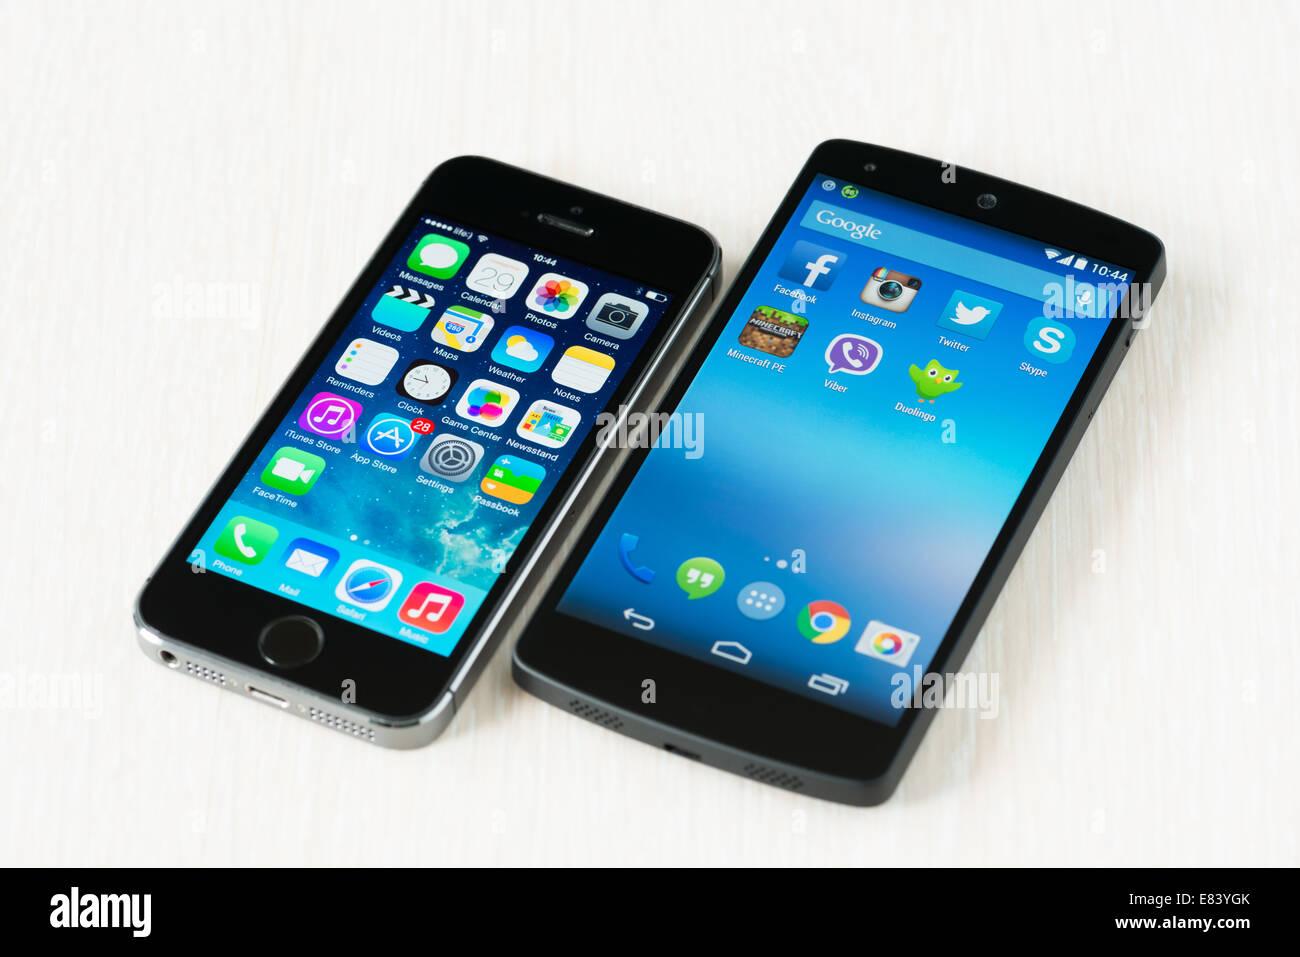 Close-up shot of brand new Apple iPhone 5S et les smartphones Google Nexus 5 couché sur un bureau. Banque D'Images